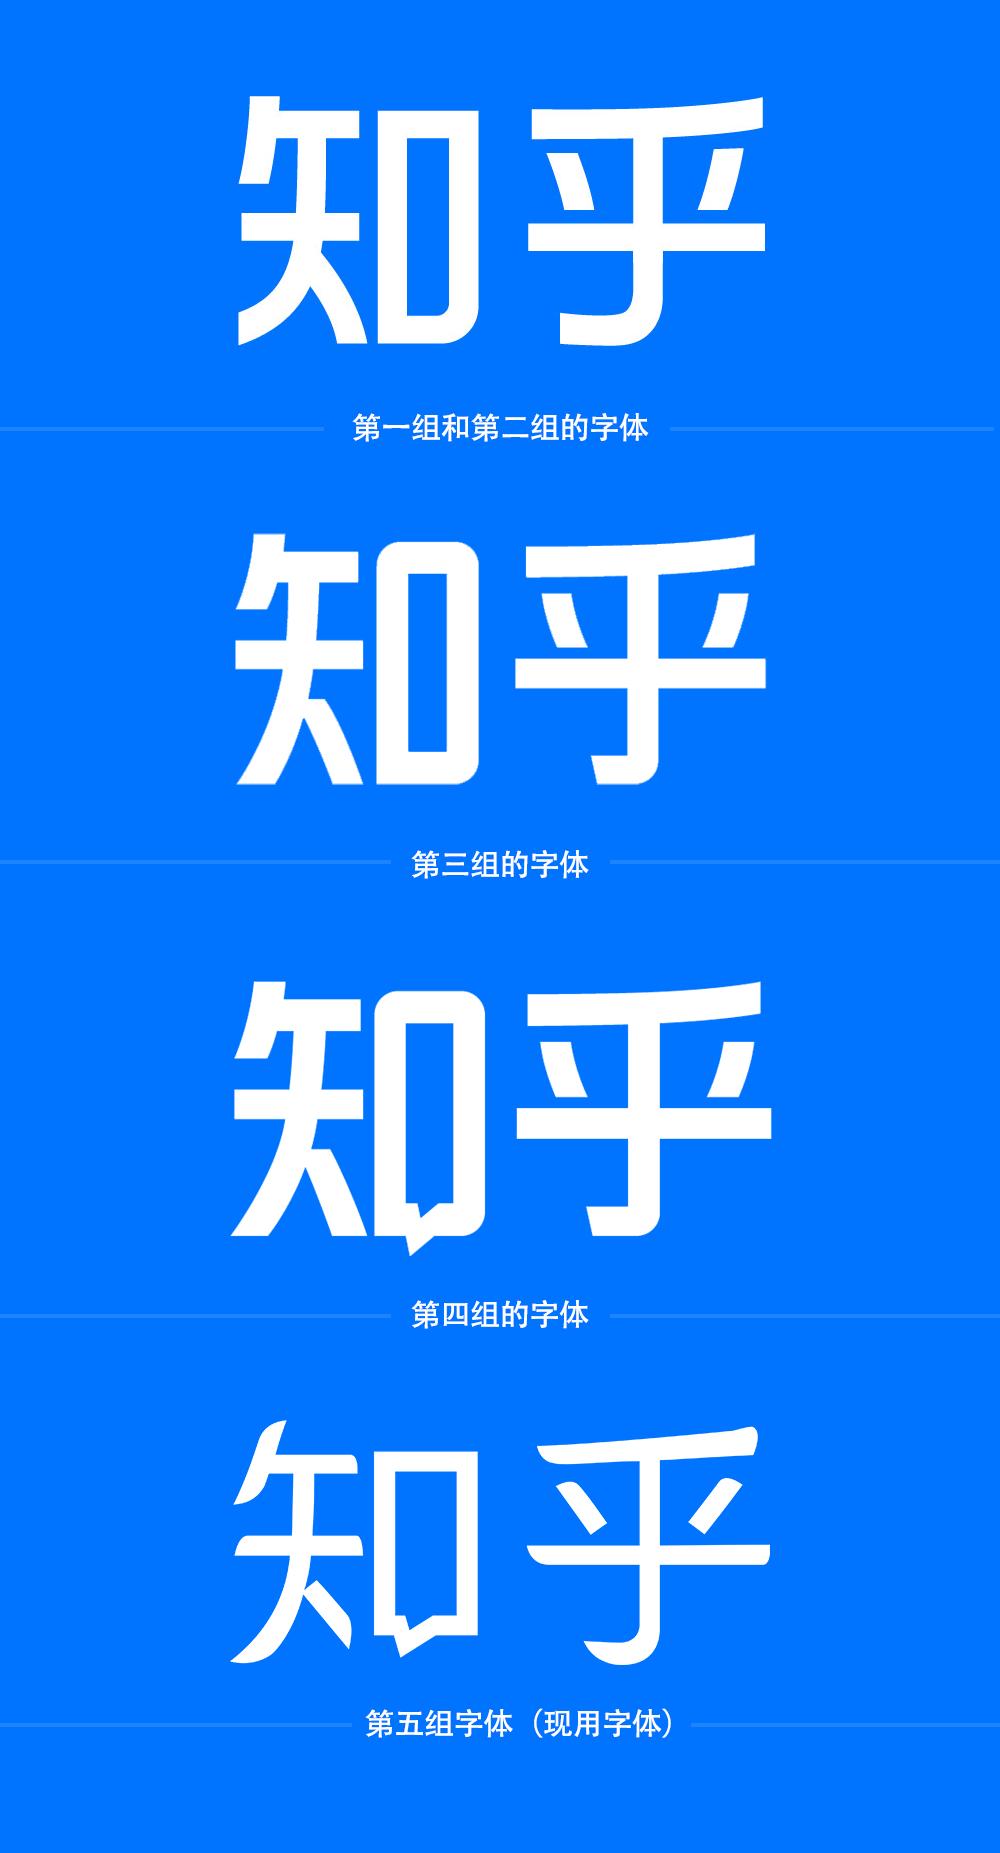 知乎設計五款新的品牌形象Logo方案征集網友意見-深圳VI設計5